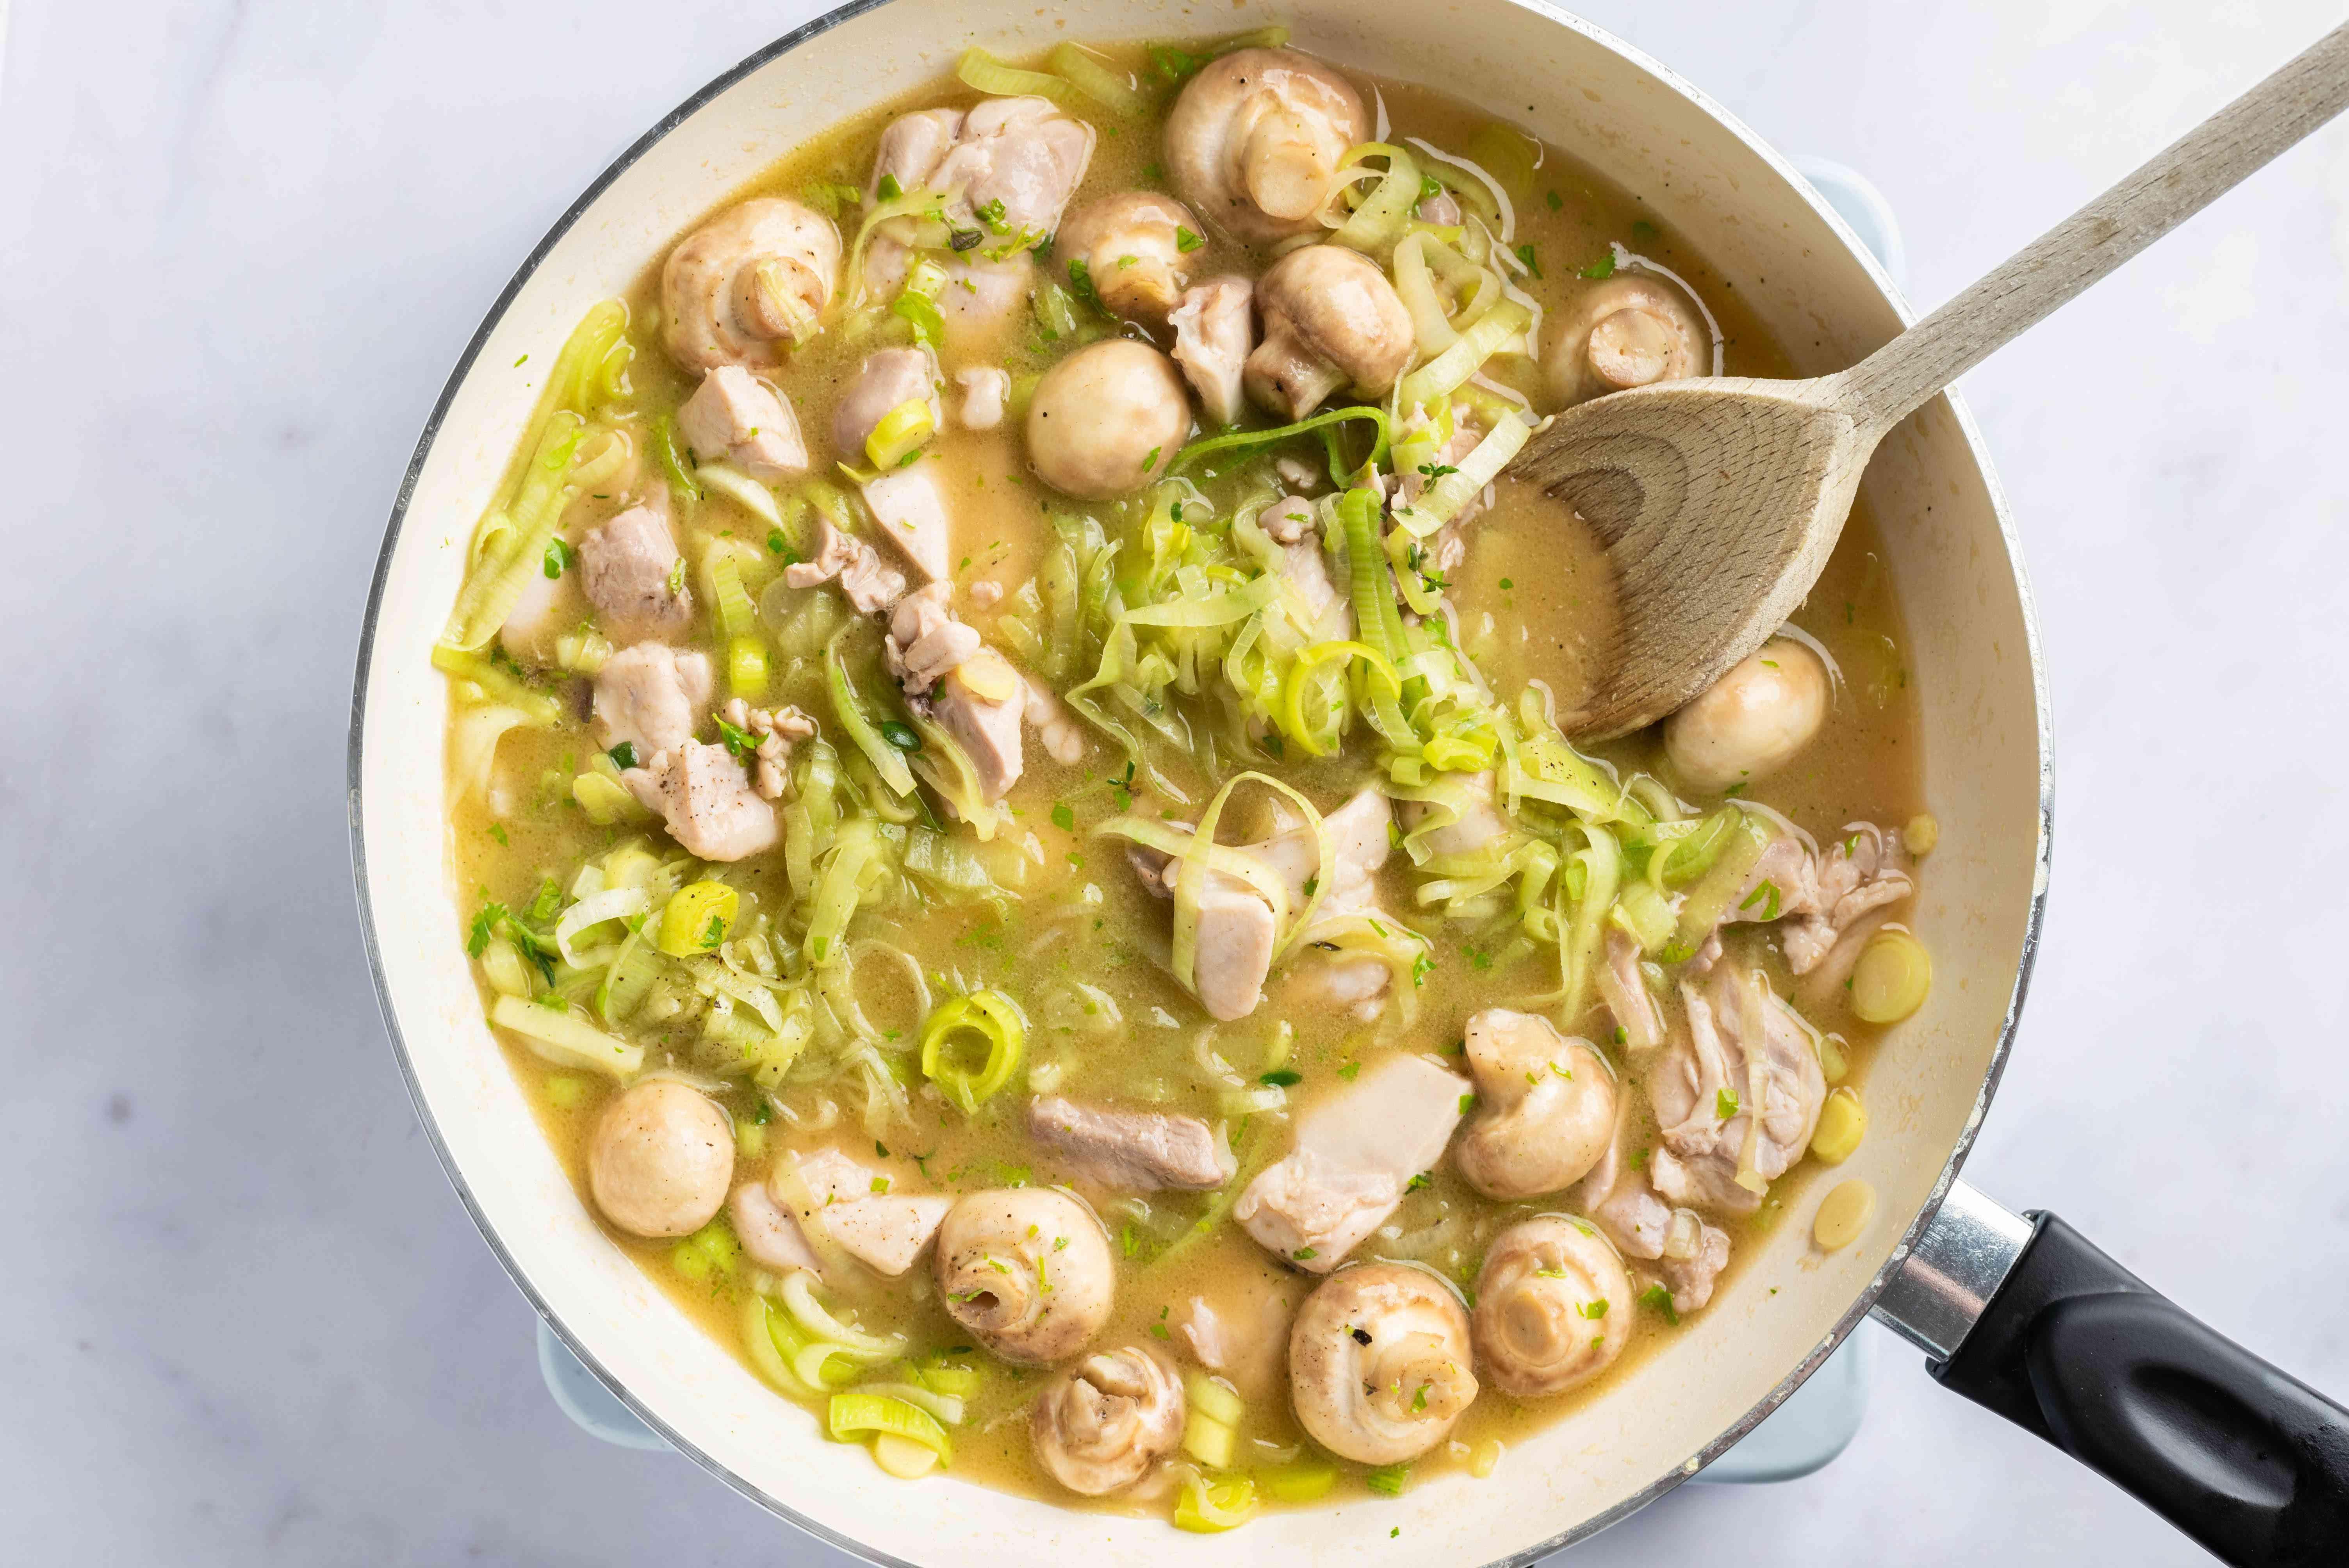 Add chicken, leeks, and mushrooms